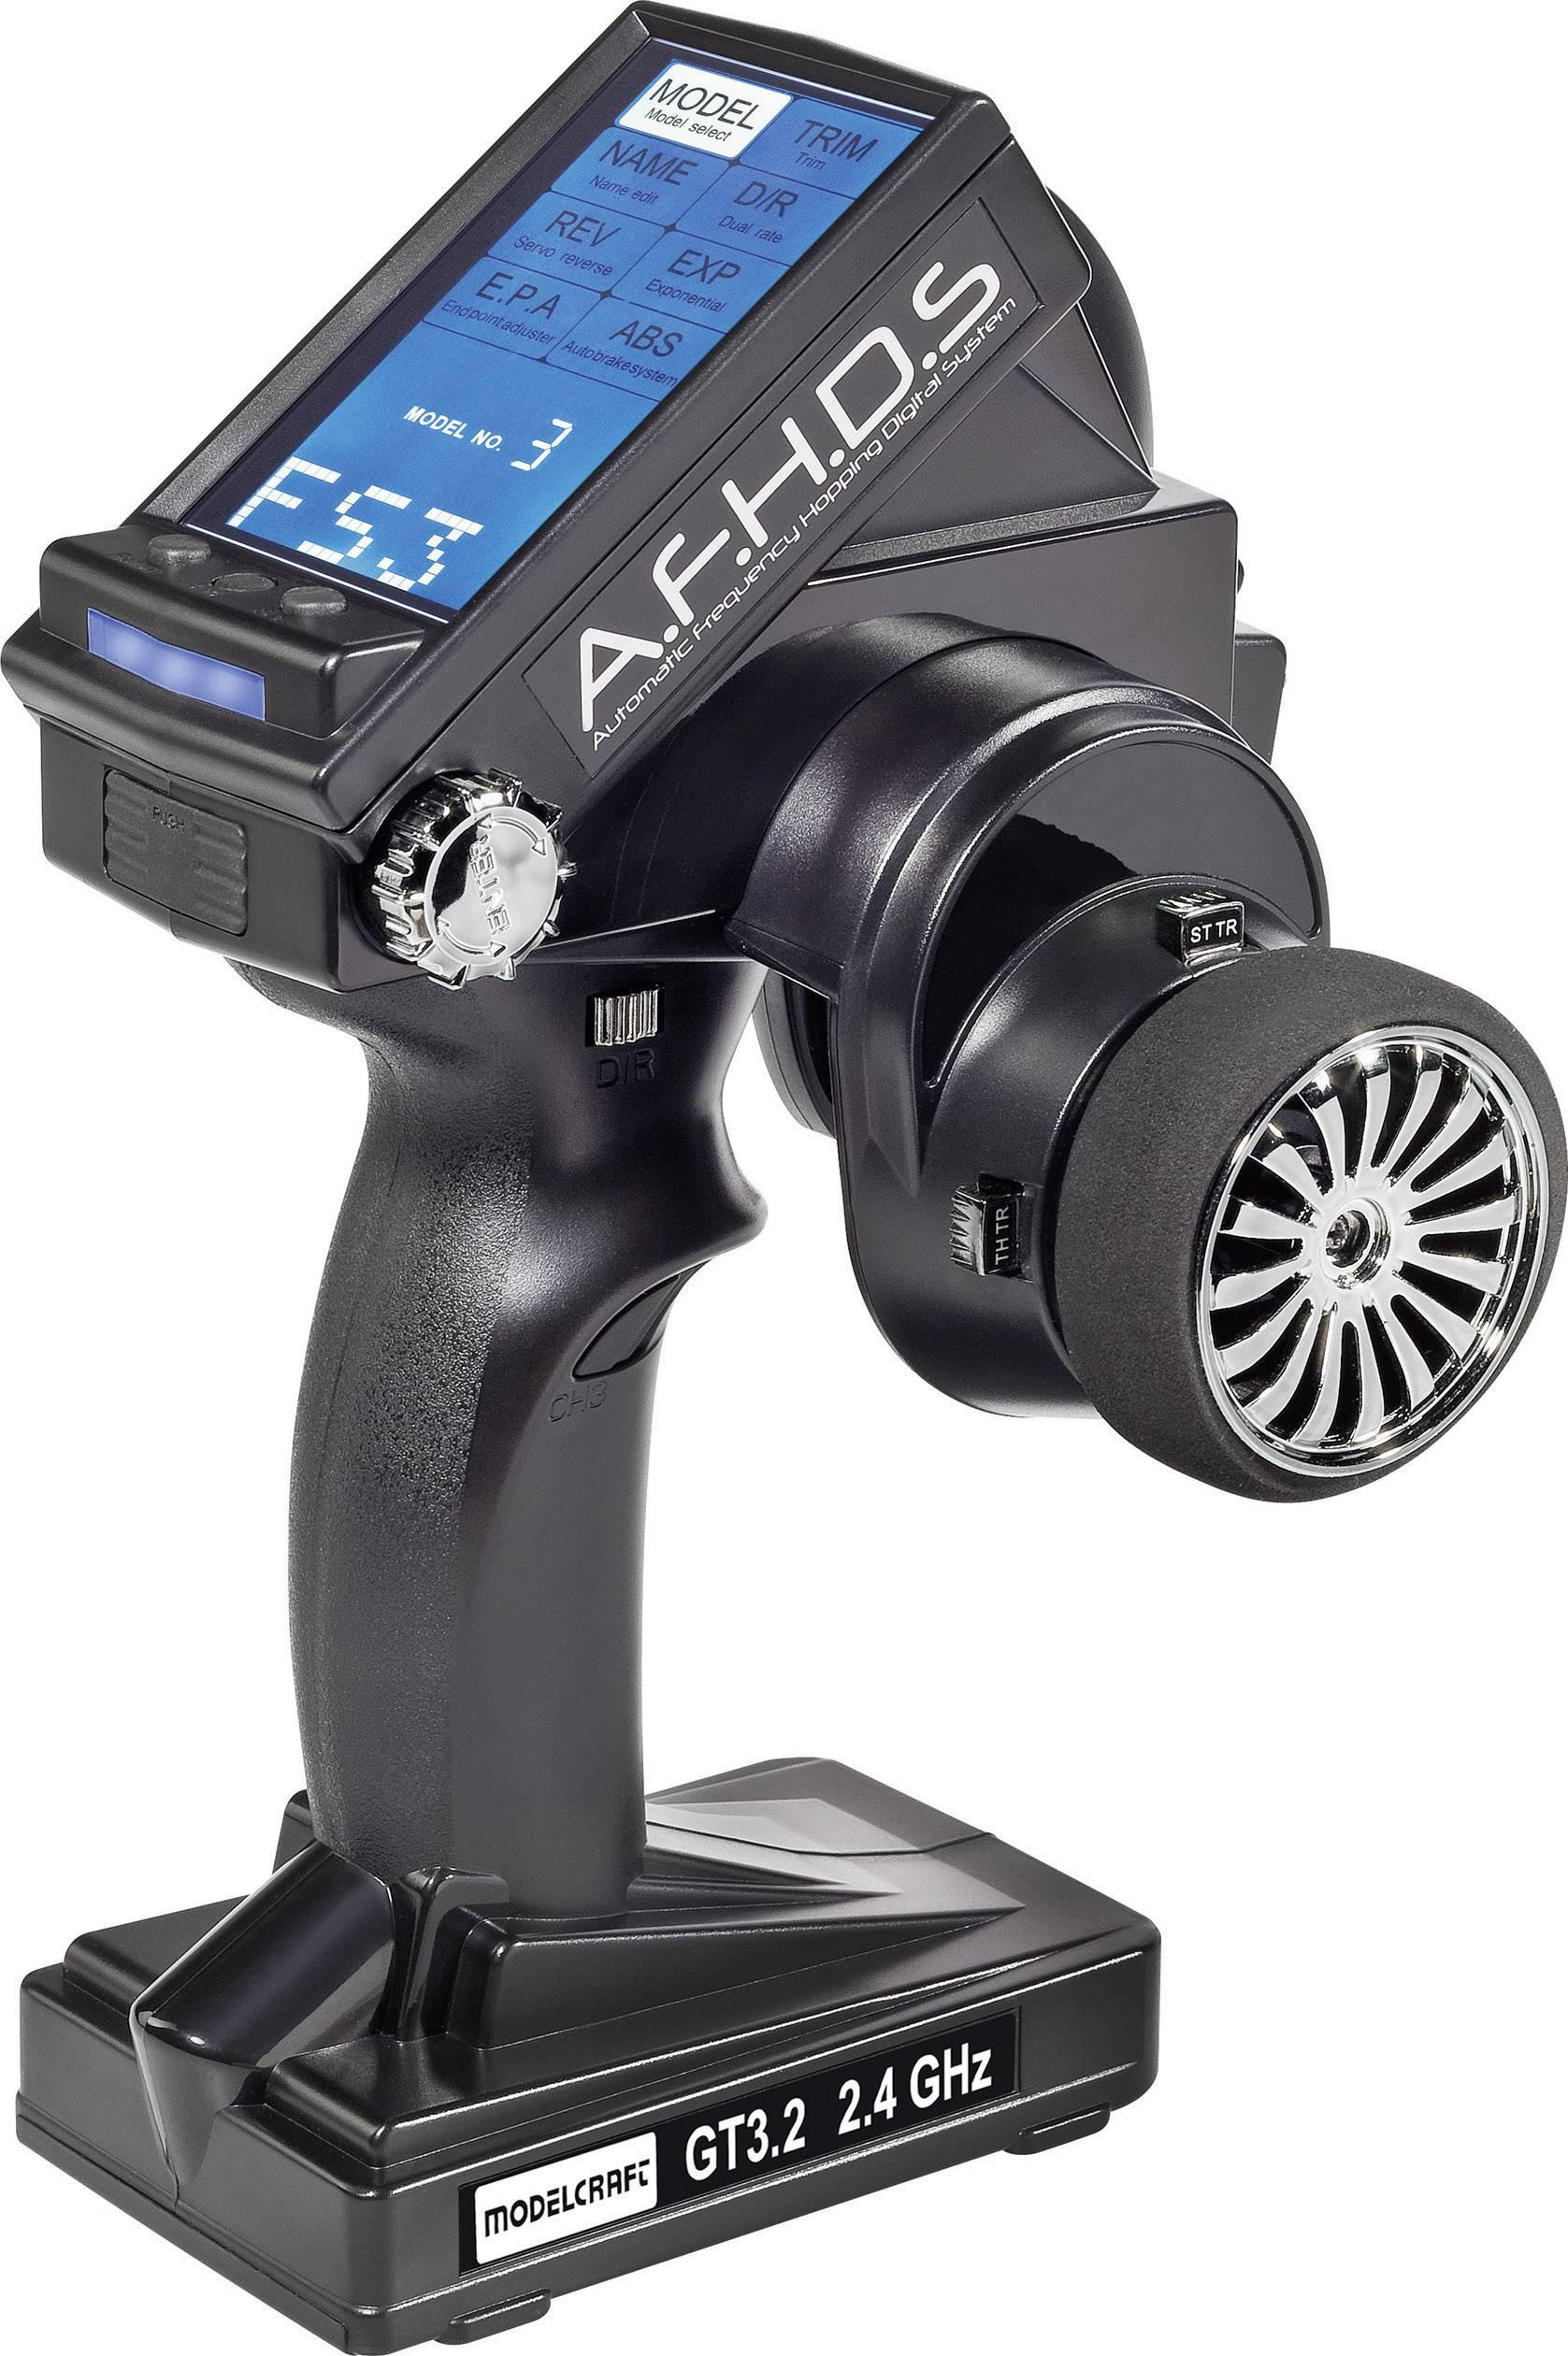 Radiocomando con impugnatura a pistola Modelcraft GT3.2 2,4 GHz Numero canali: 3 incl. ricevitore